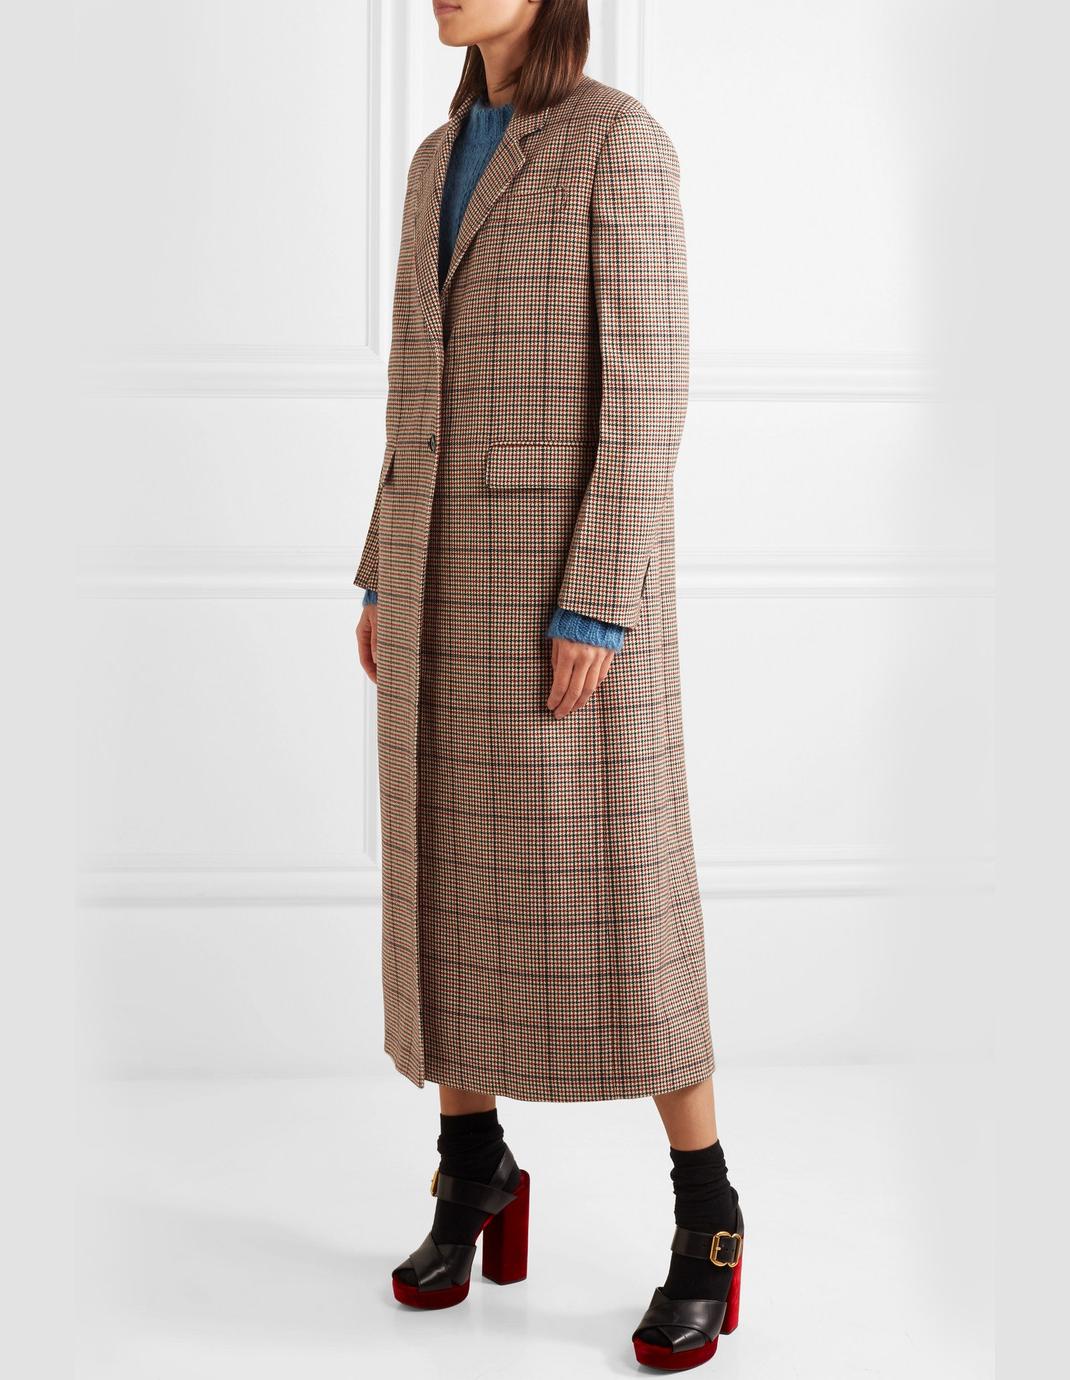 γυναίκα με τουίντ παλτό Prada